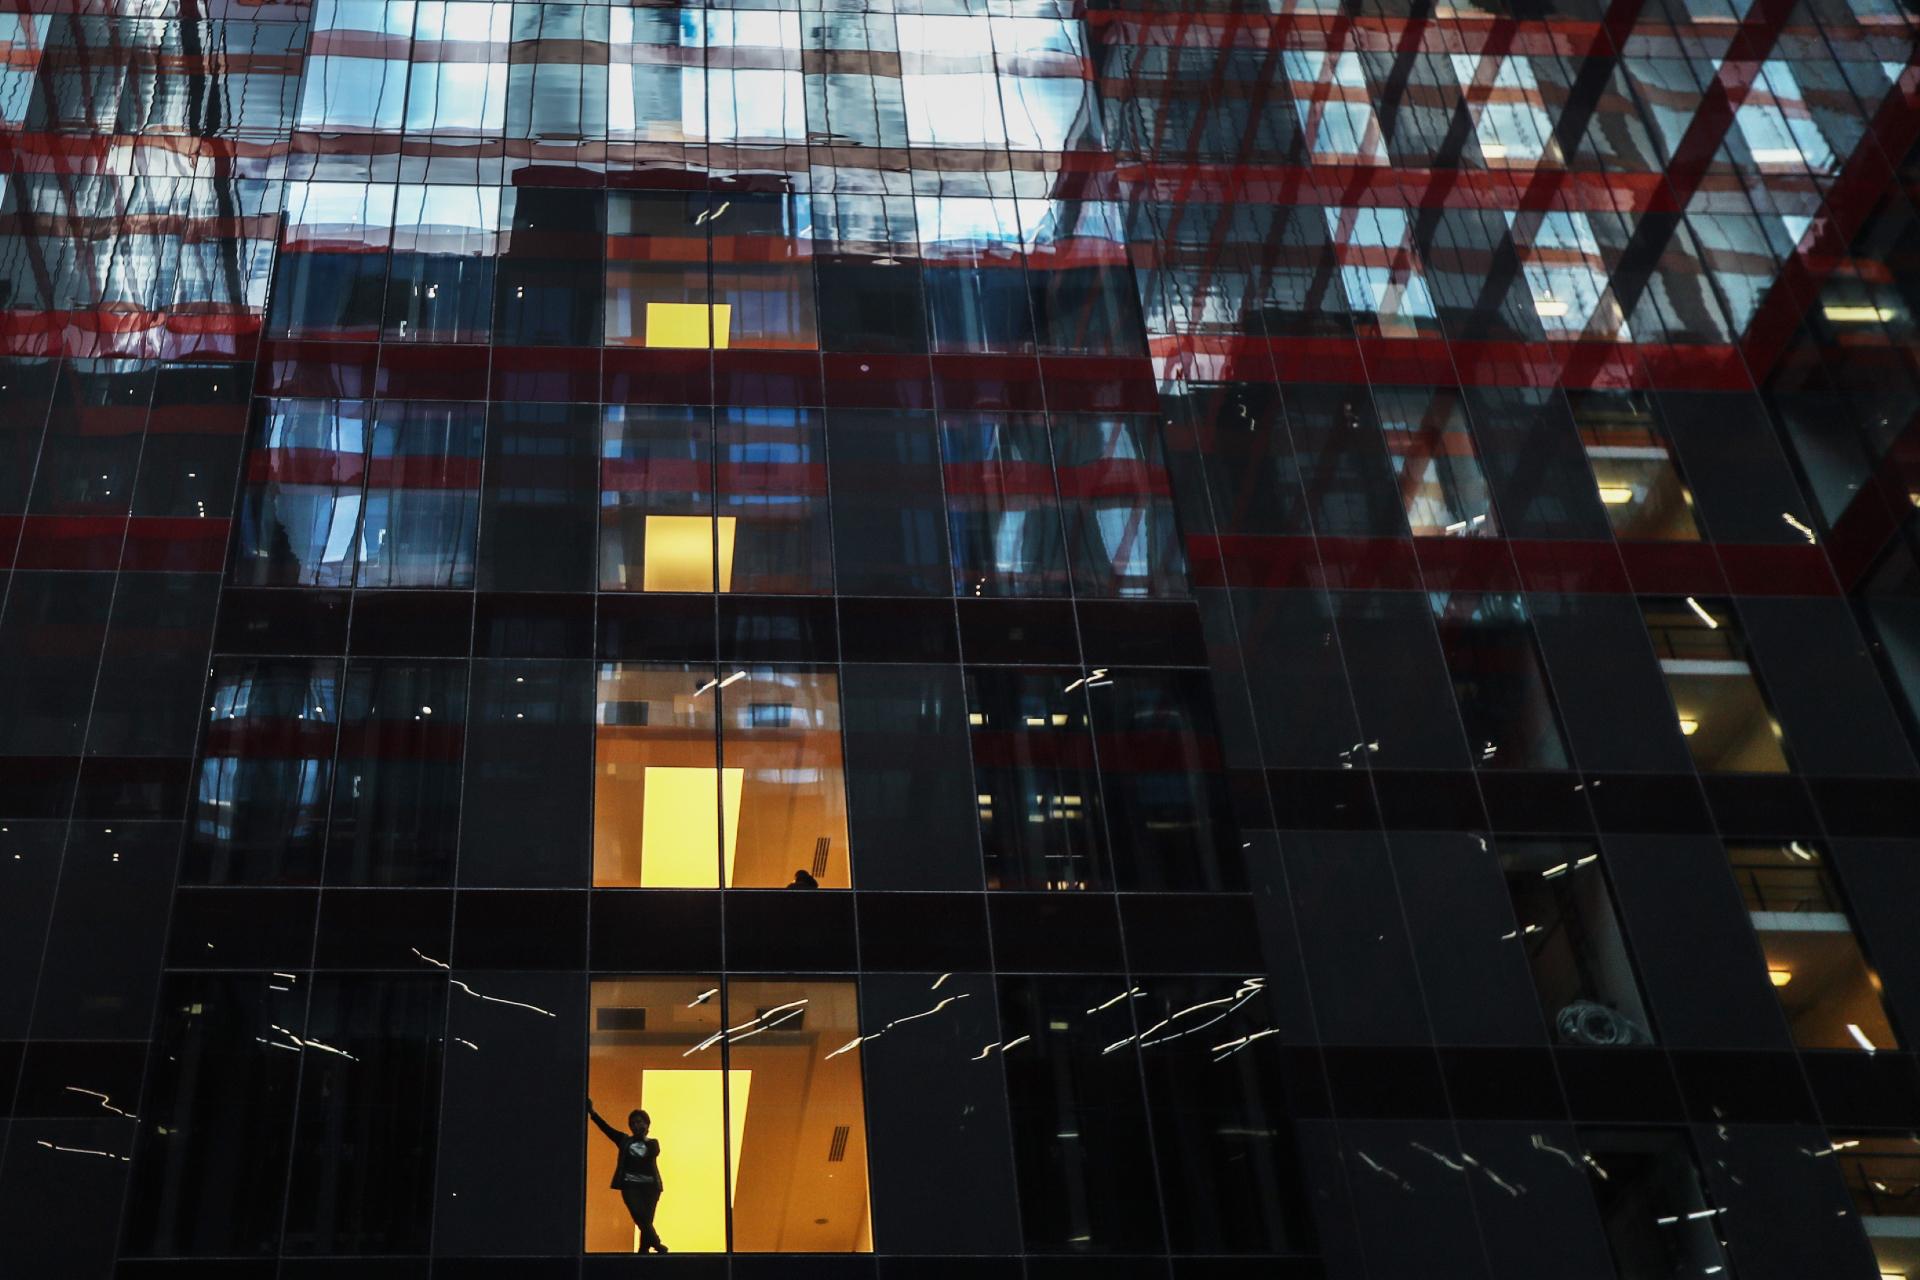 Основным направлением для вложений в квадратные метры в 2022 году аналитики Knight Frank называют офисную недвижимость